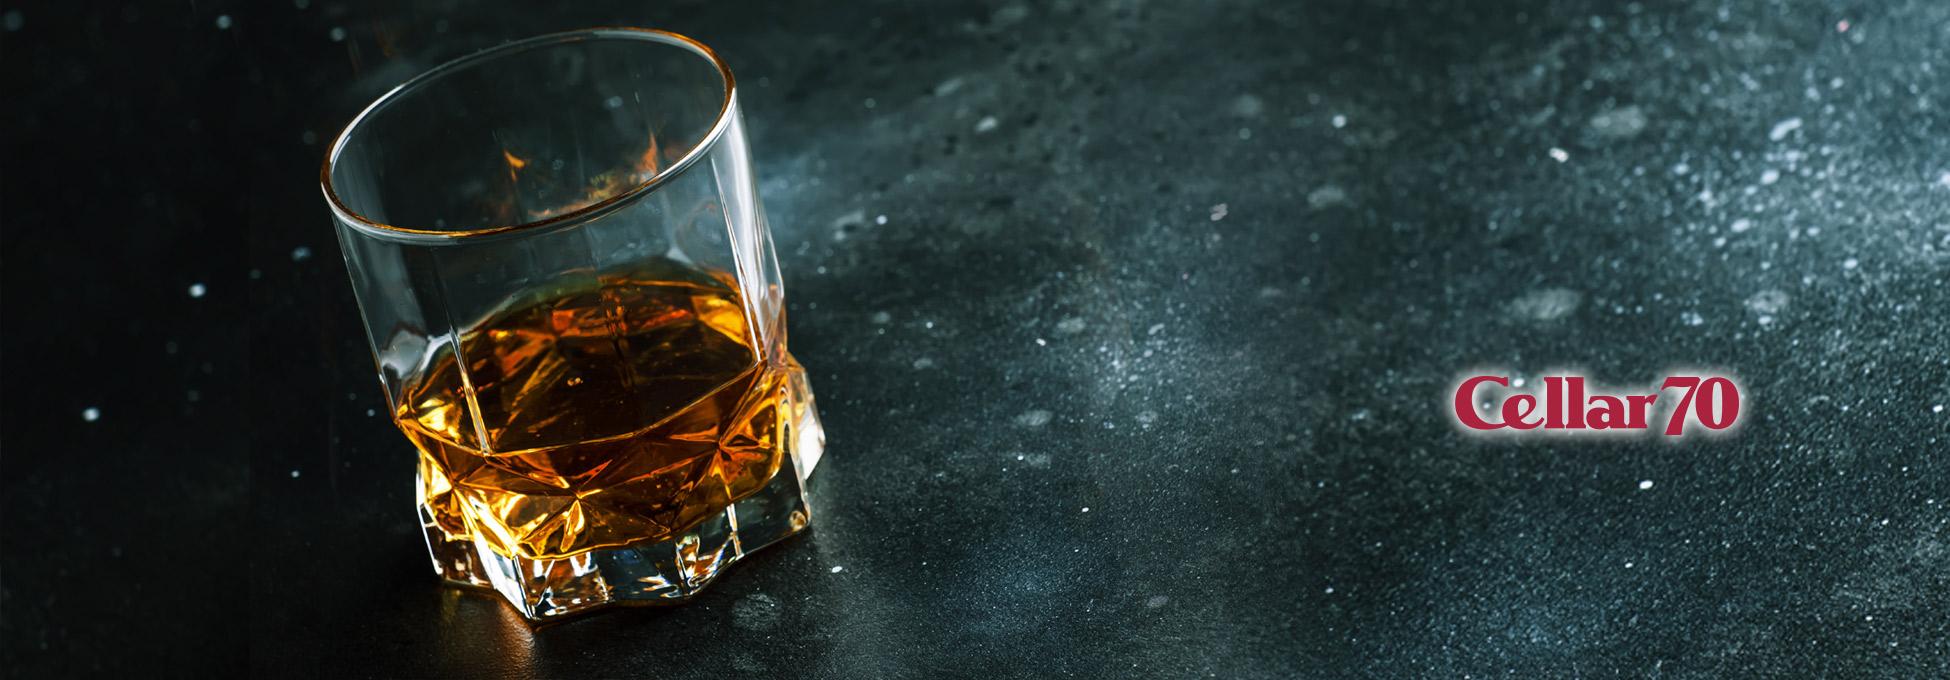 trigs-homepg-bourbon-heritage-month.jpg